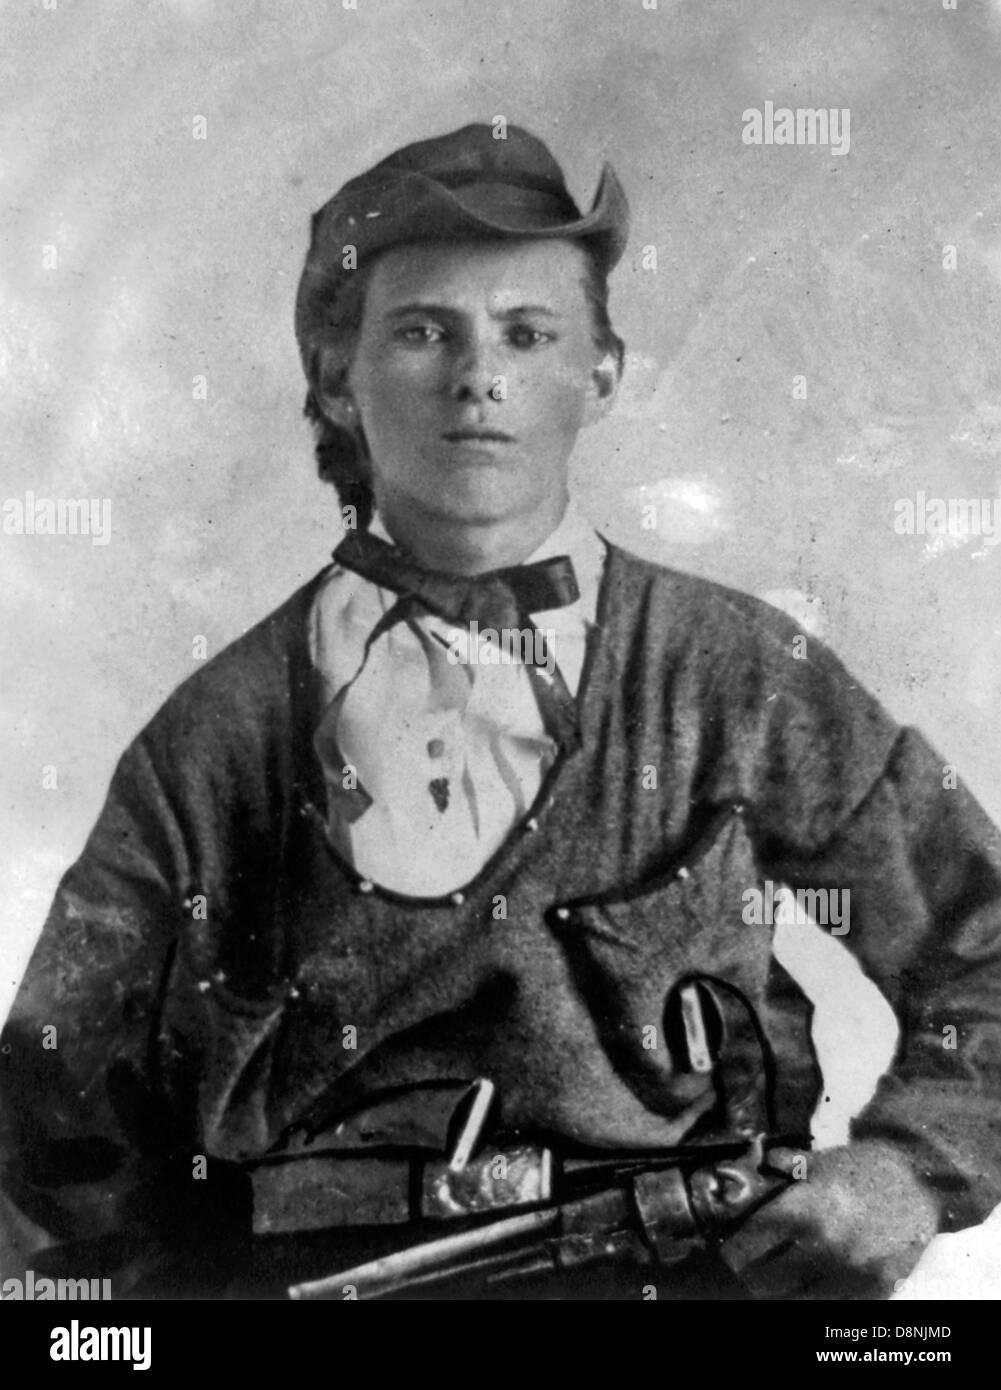 Jesse James come un giovane uomo Immagini Stock